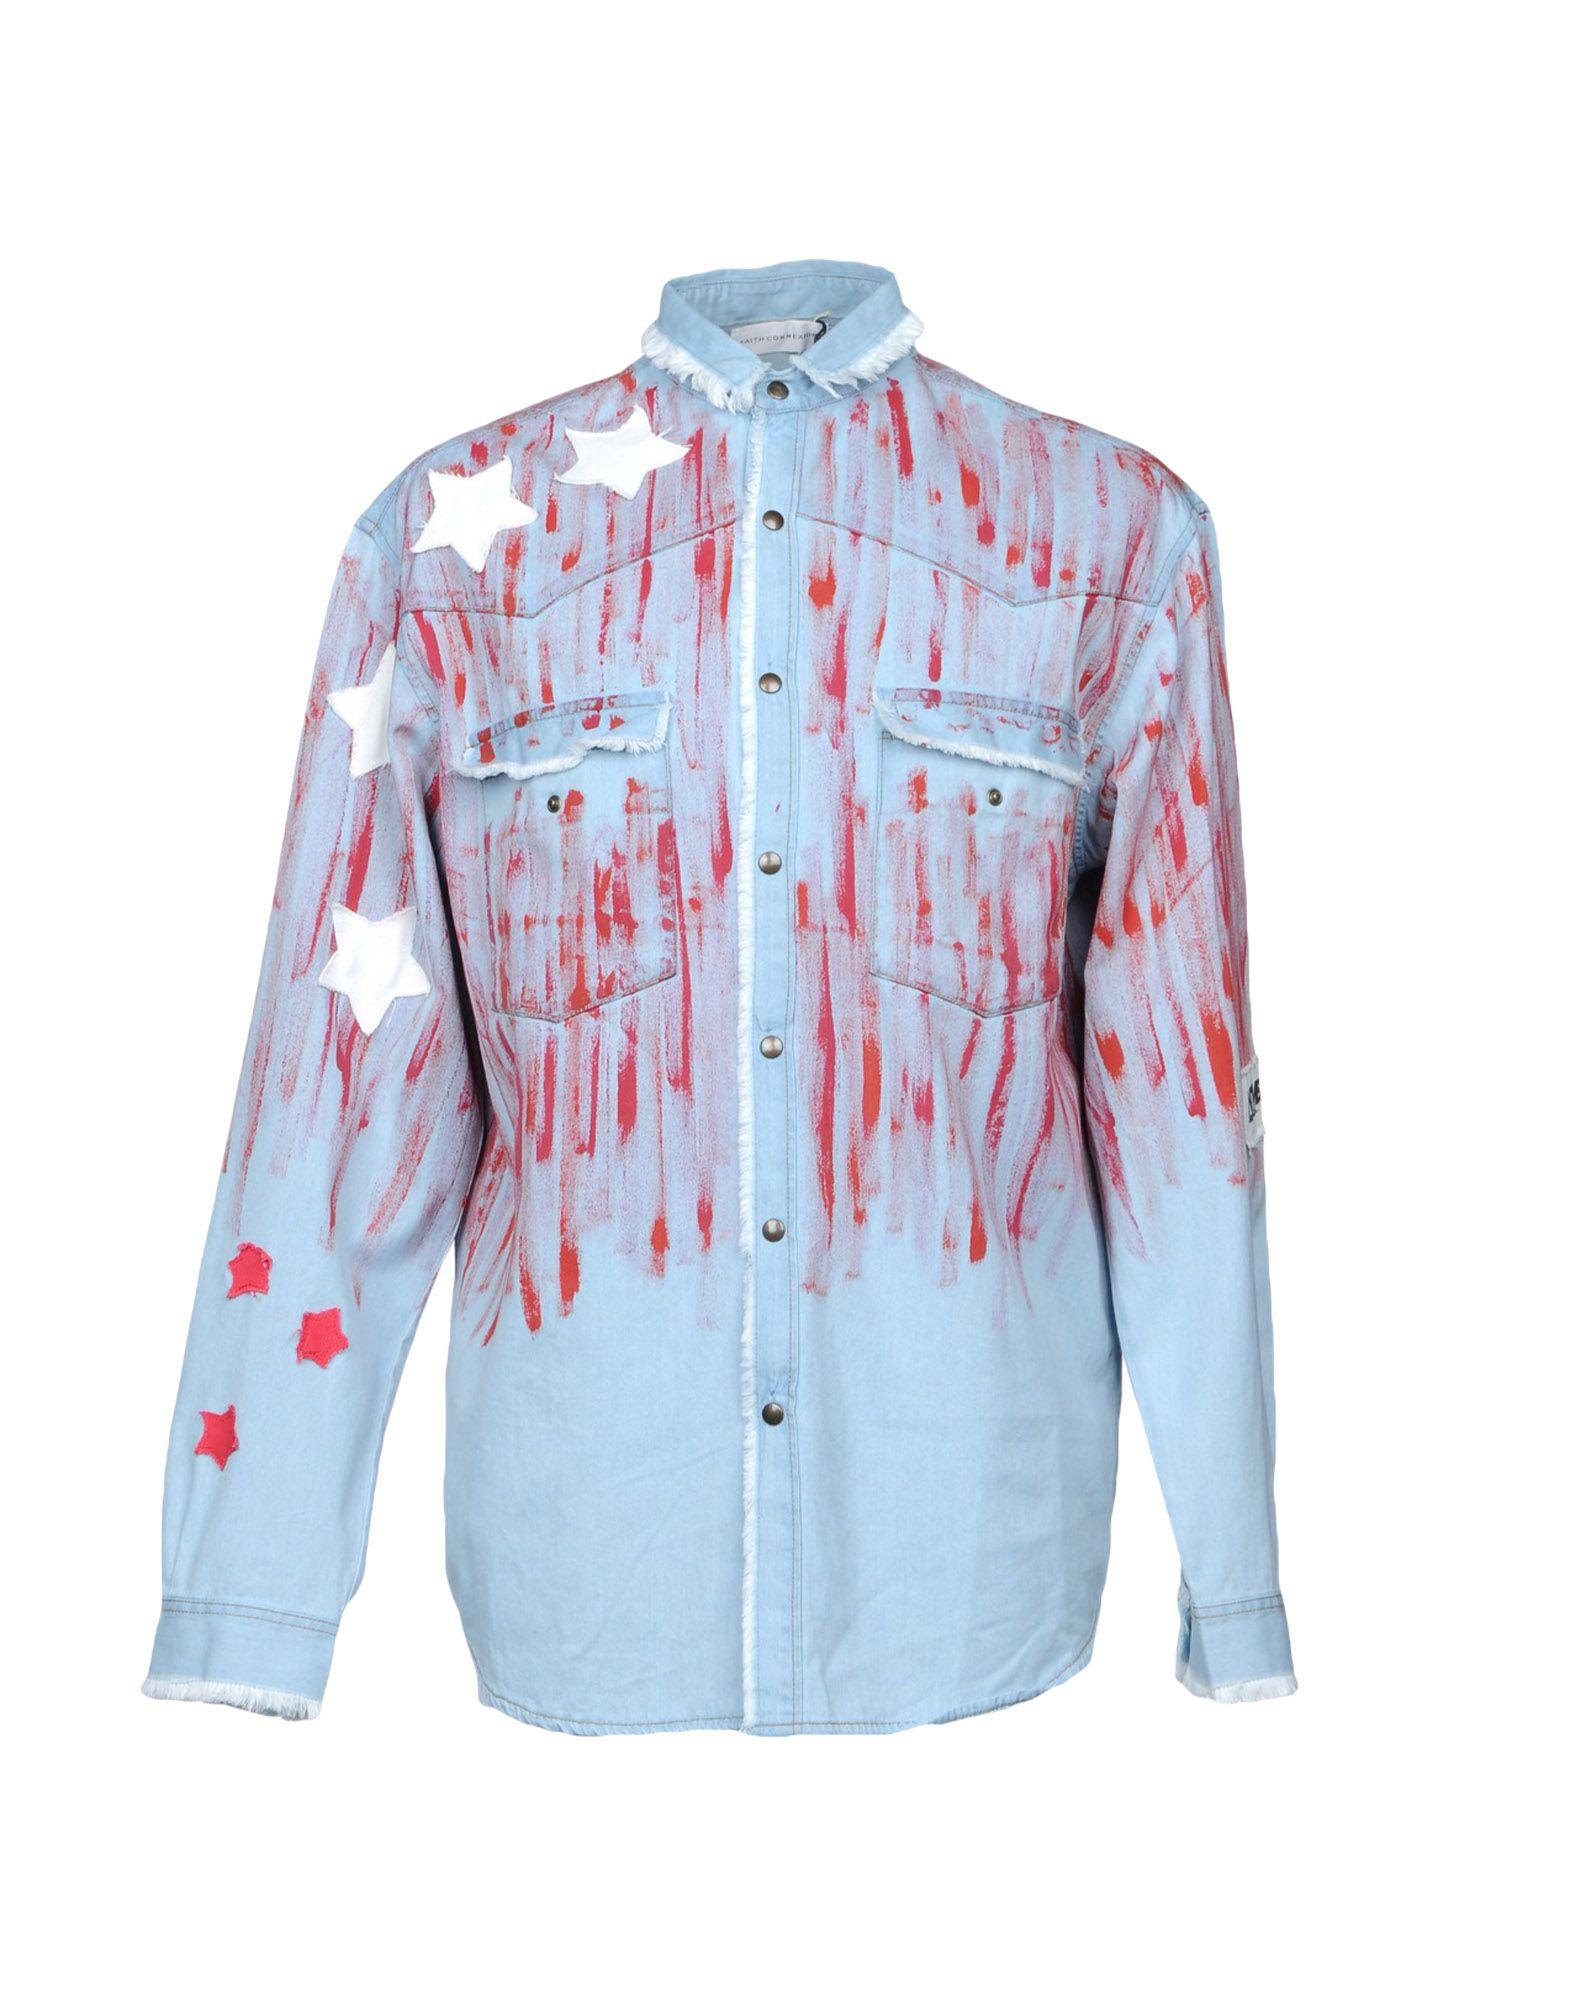 Camicia Jeans Faith Connexion Uomo - Acquista online su